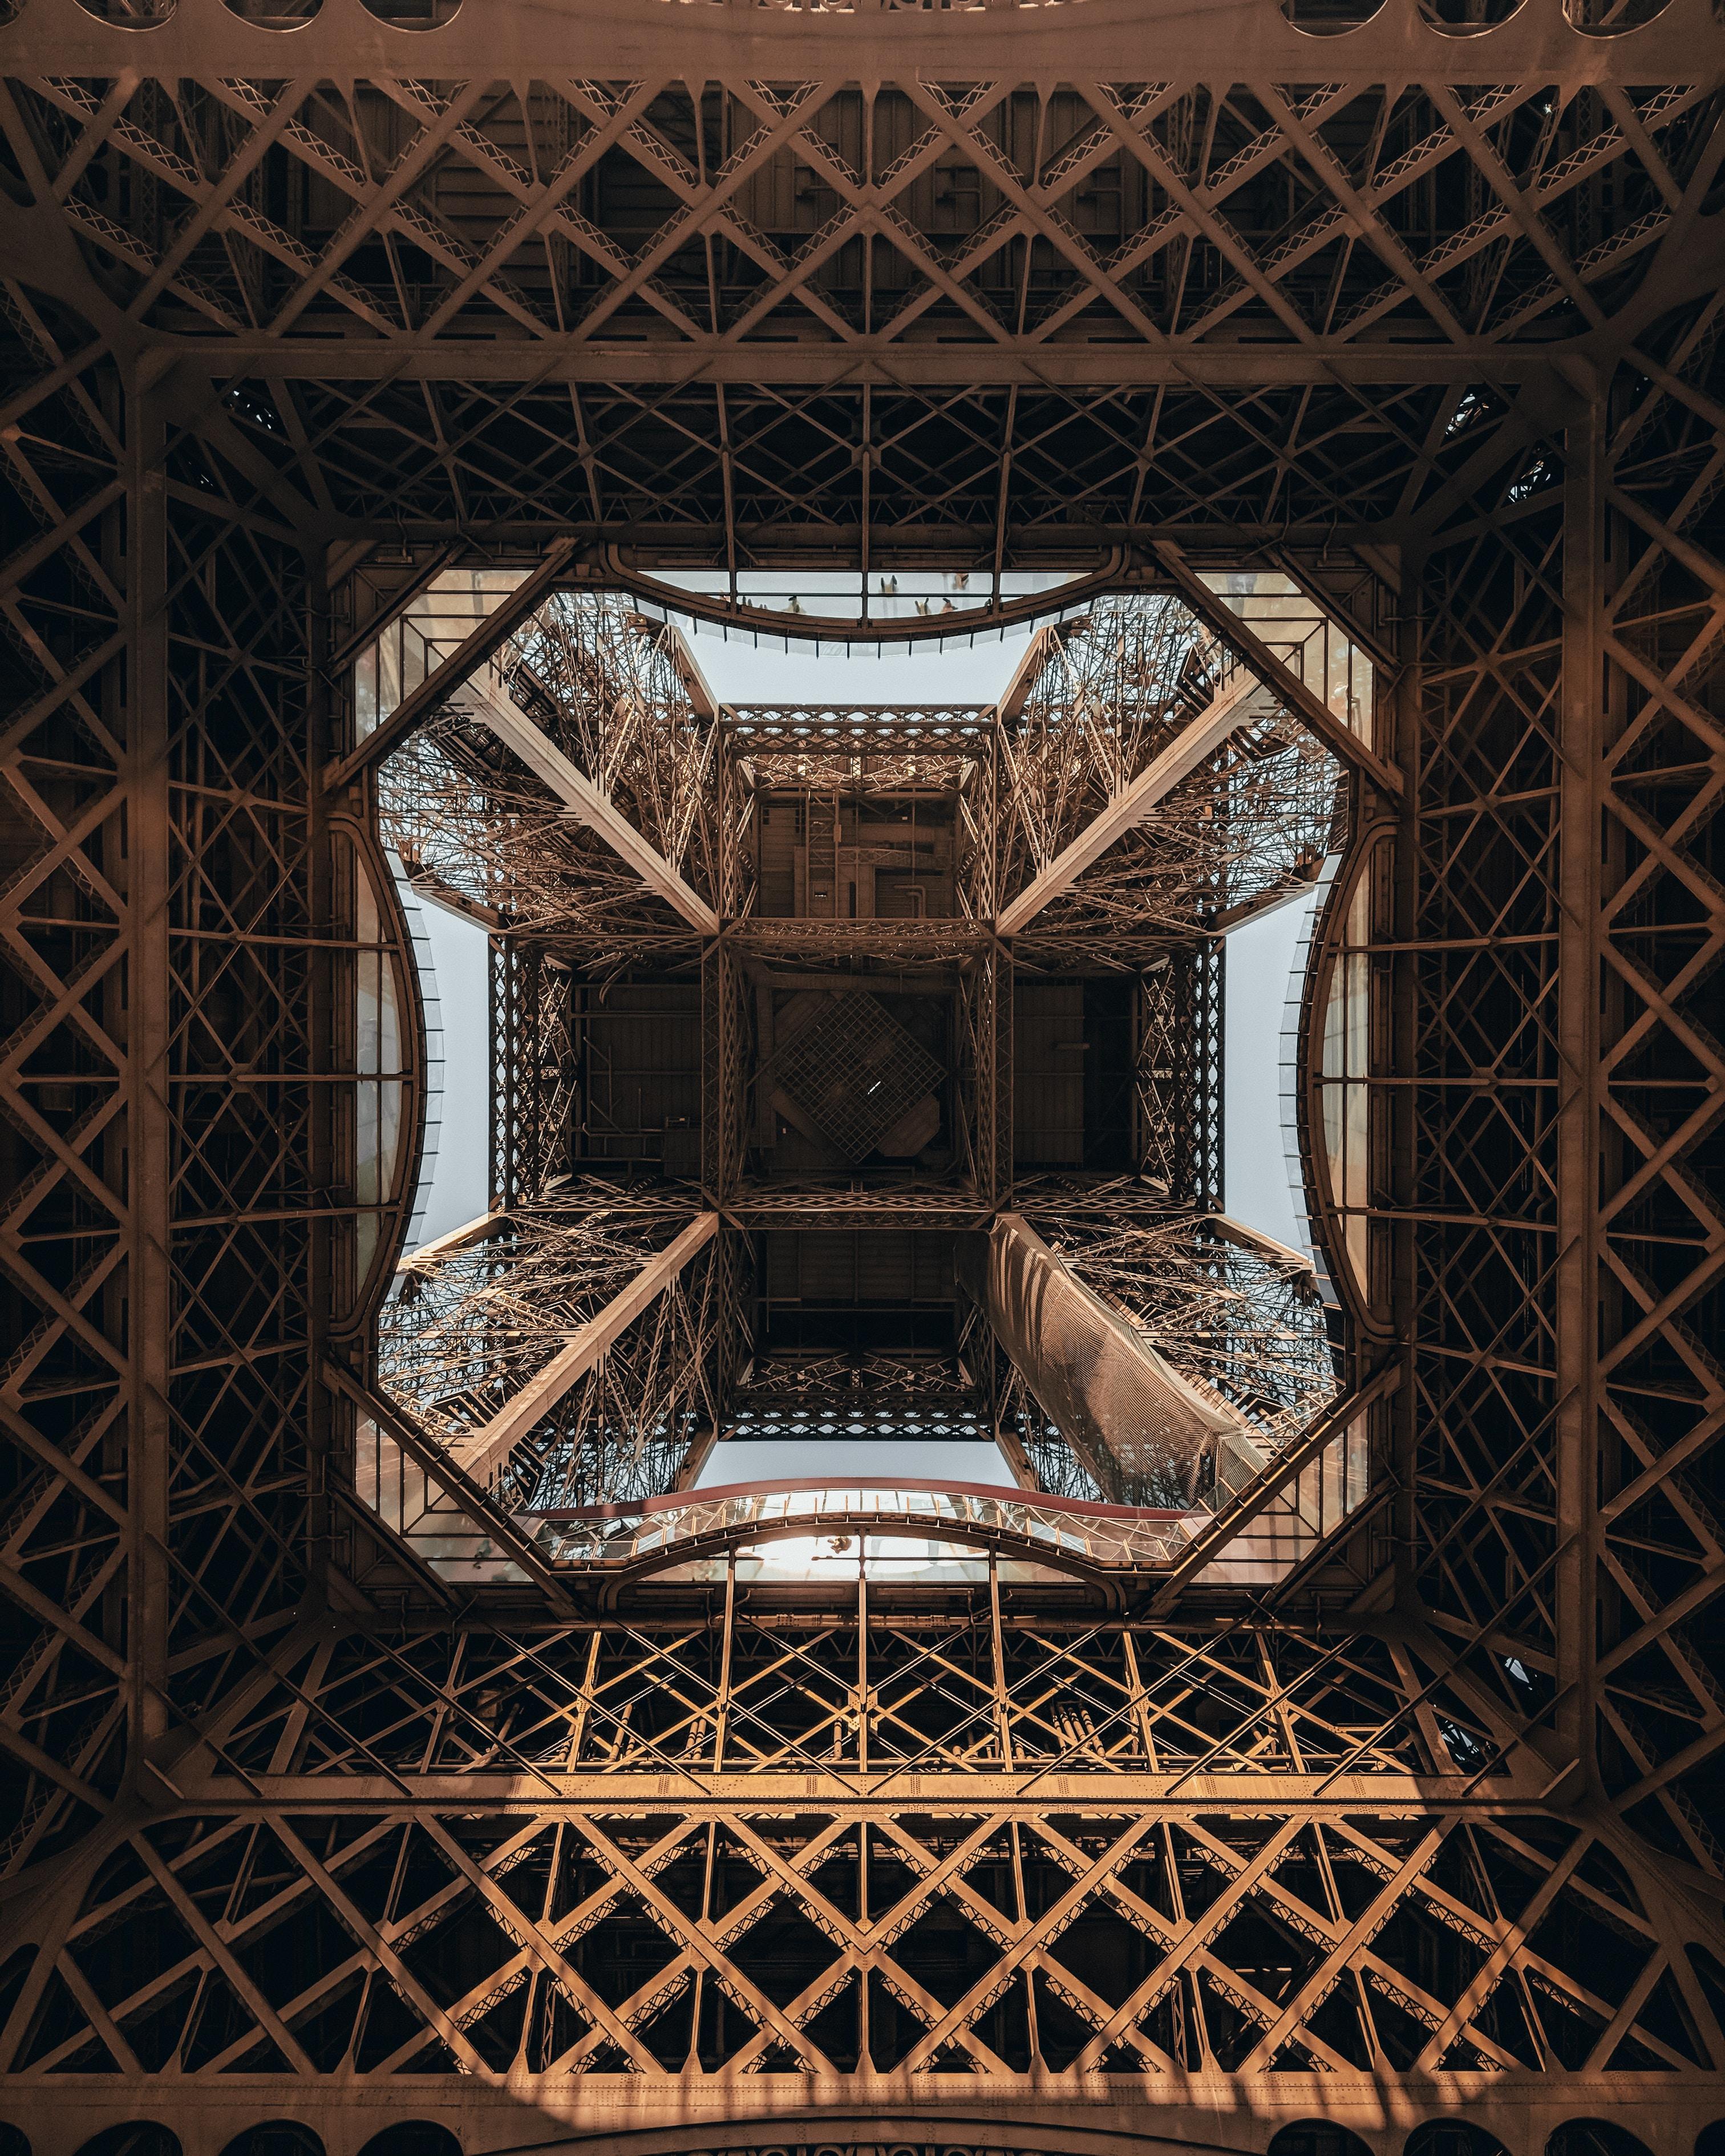 63742 télécharger le fond d'écran Divers, La Tour, Tour, Conception, Construction, Le Fer, Fer, Symétrie, Tour Eiffel - économiseurs d'écran et images gratuitement